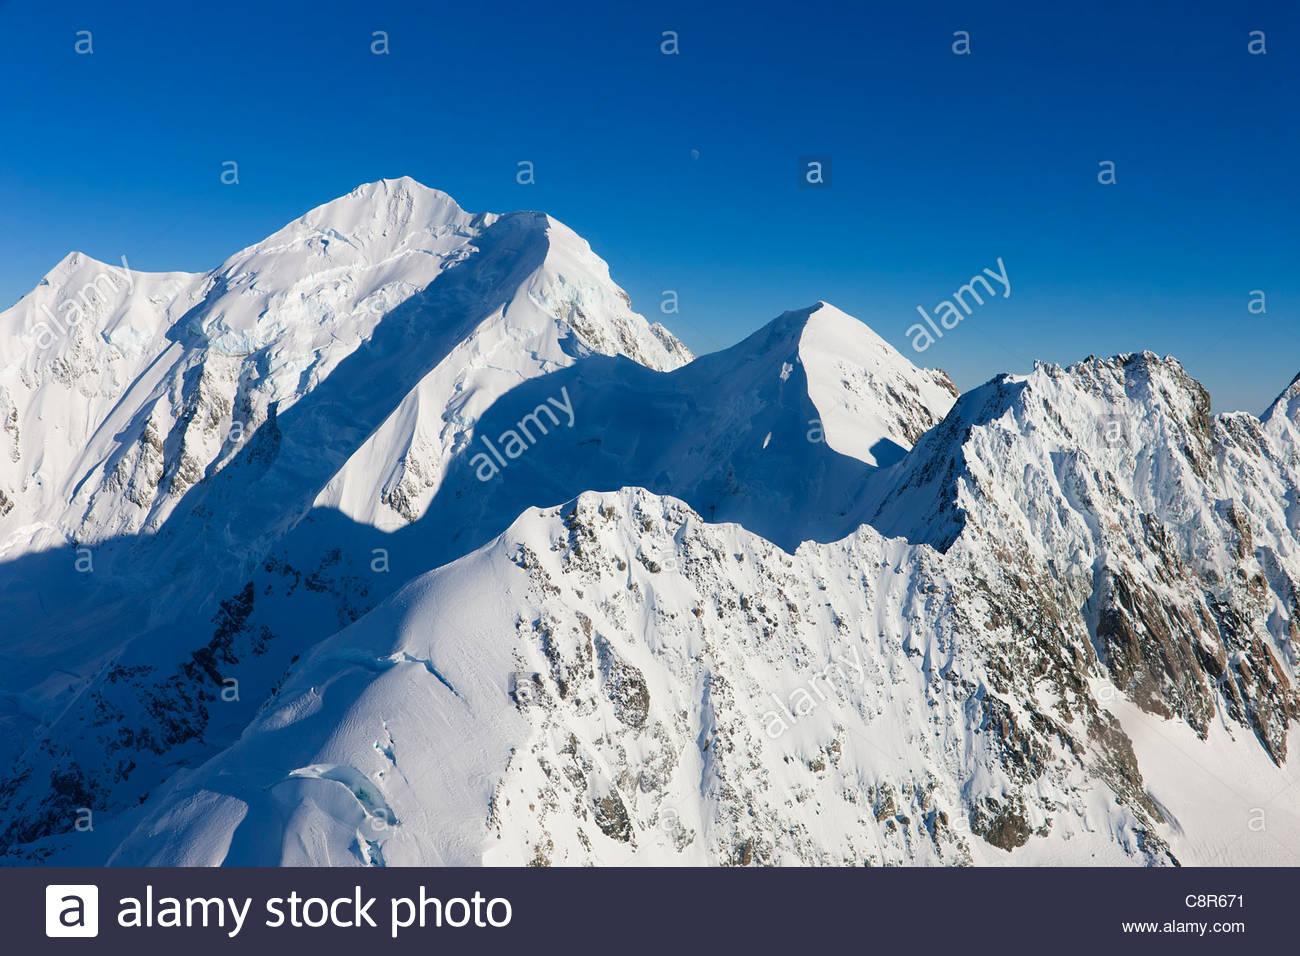 Las tres cuartas partes luna es visible sobre el Monte Tasman, 11476 pies (3498 metros) en la montaña de los Imagen De Stock